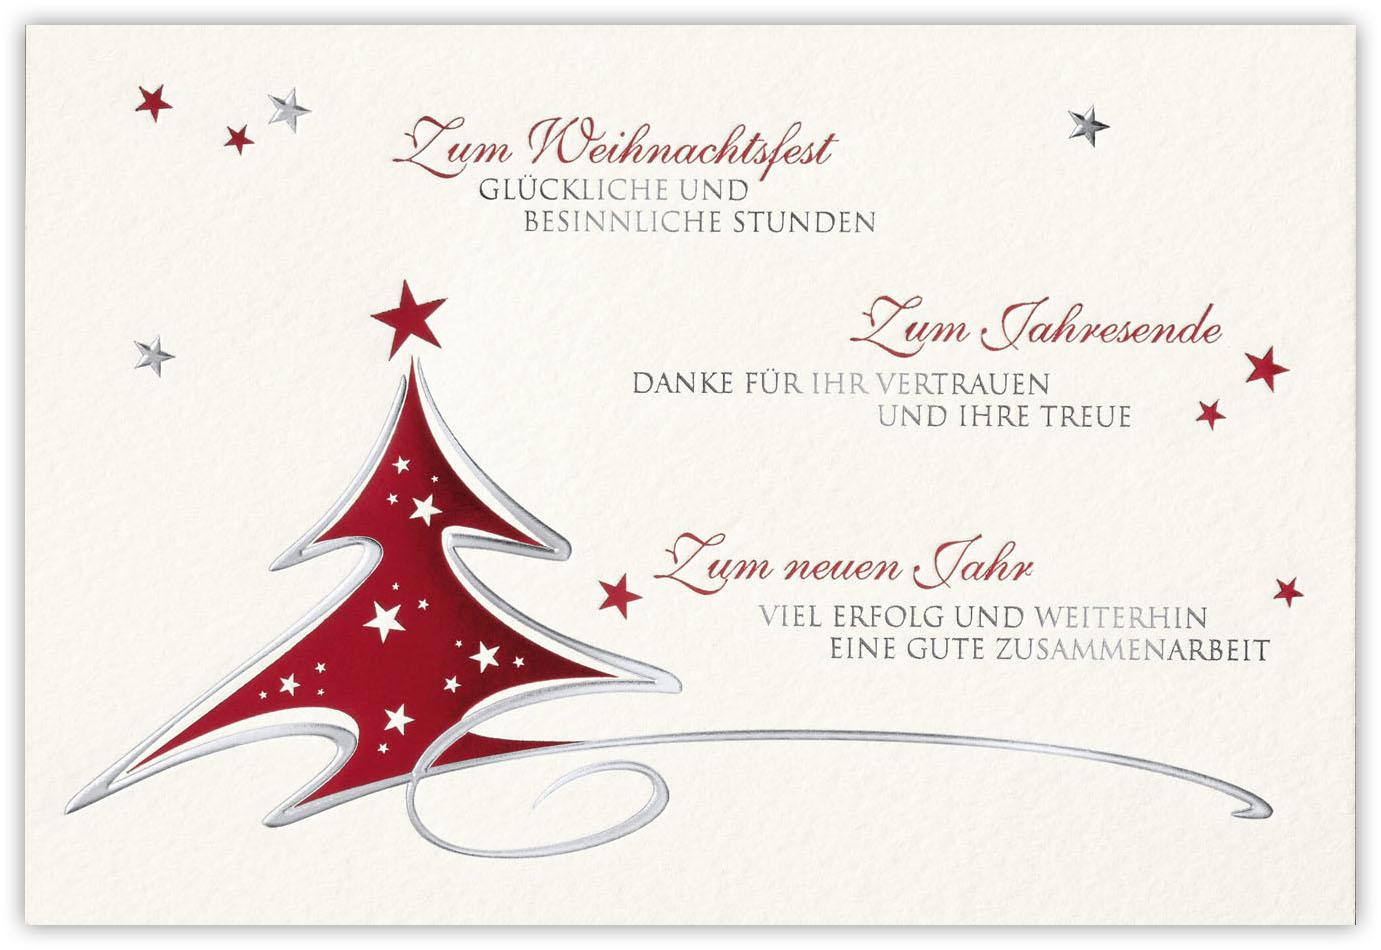 gesch ftliche weihnachtskarte cremefarben mit dank f r. Black Bedroom Furniture Sets. Home Design Ideas